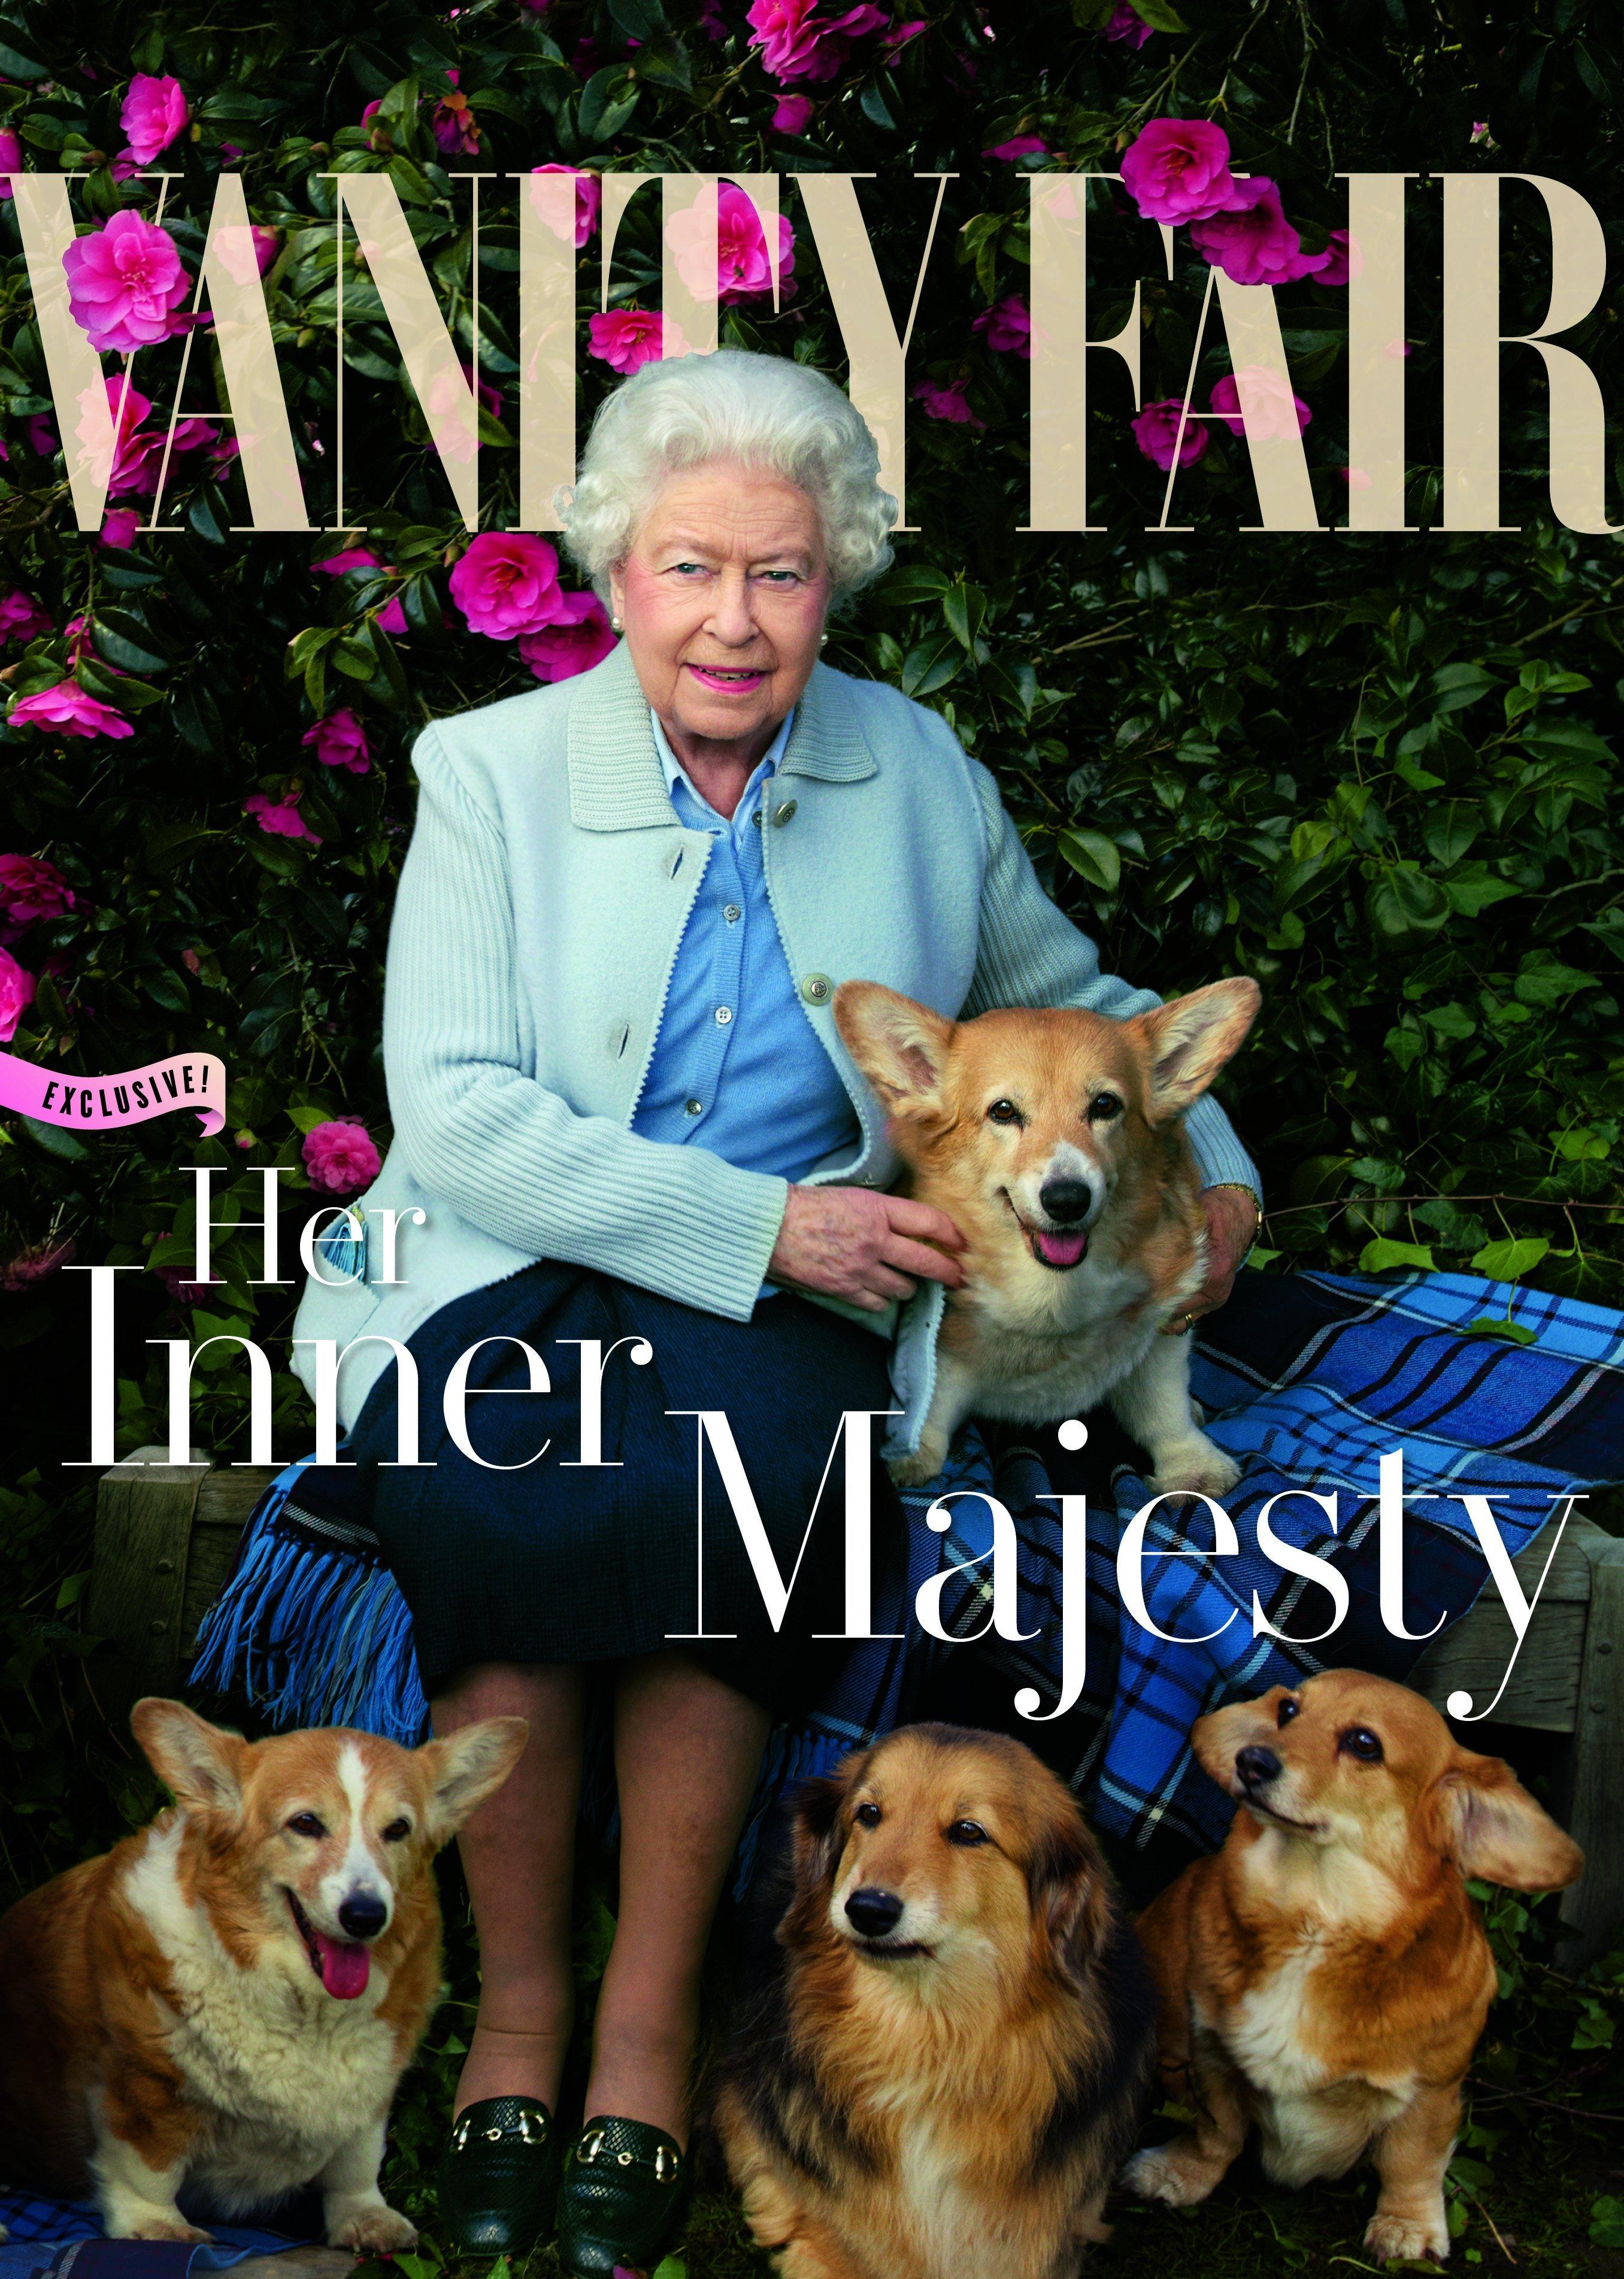 Queen Elizabeth II Gets Upstaged By Her Adorable